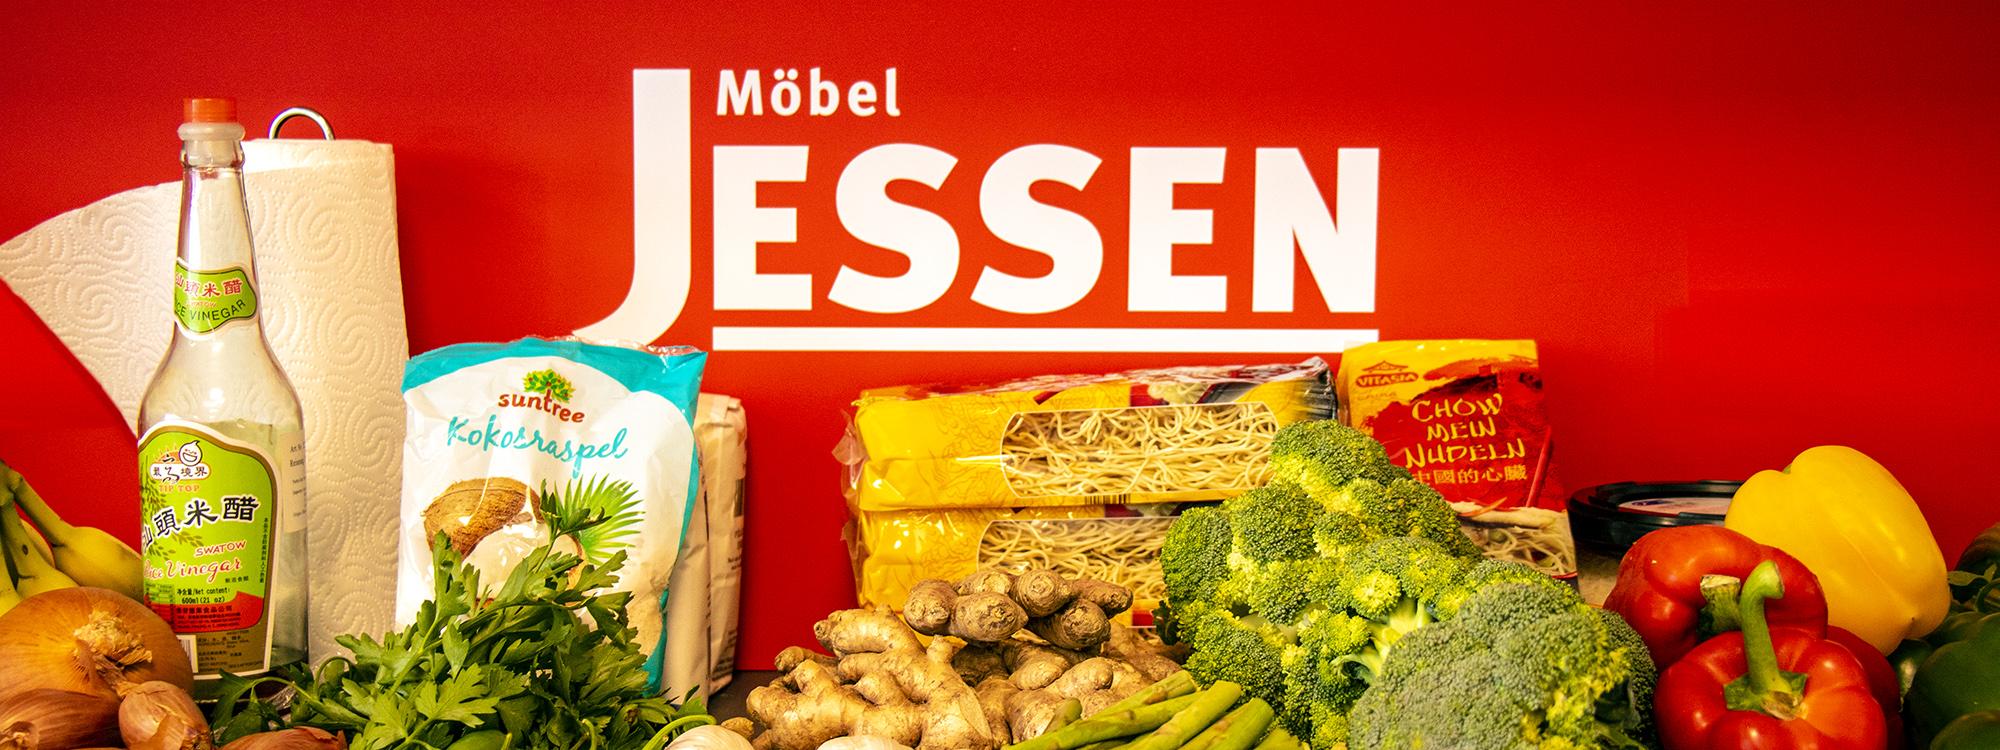 Kochschule Mobel Jessen Kochschule De